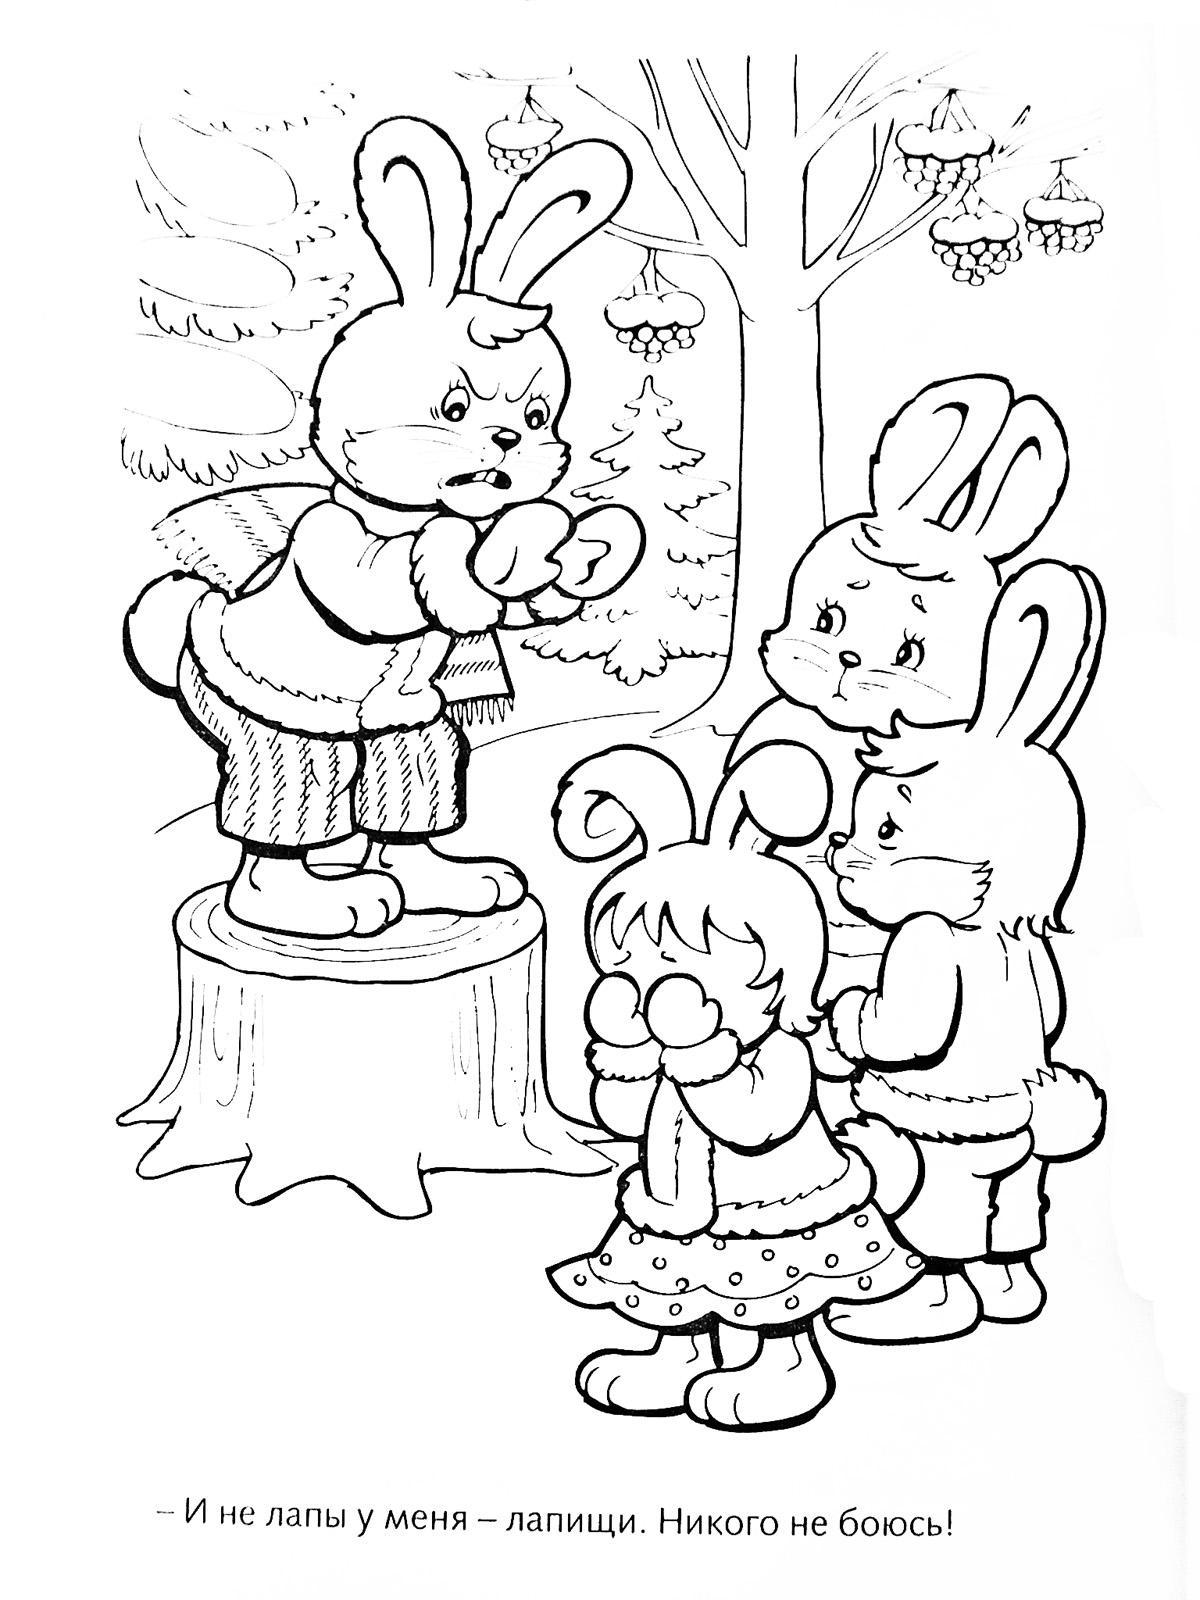 Раскраски тепло Стоит зайчик на пеньку тепло одетый и что-то говорит своим зайчатам